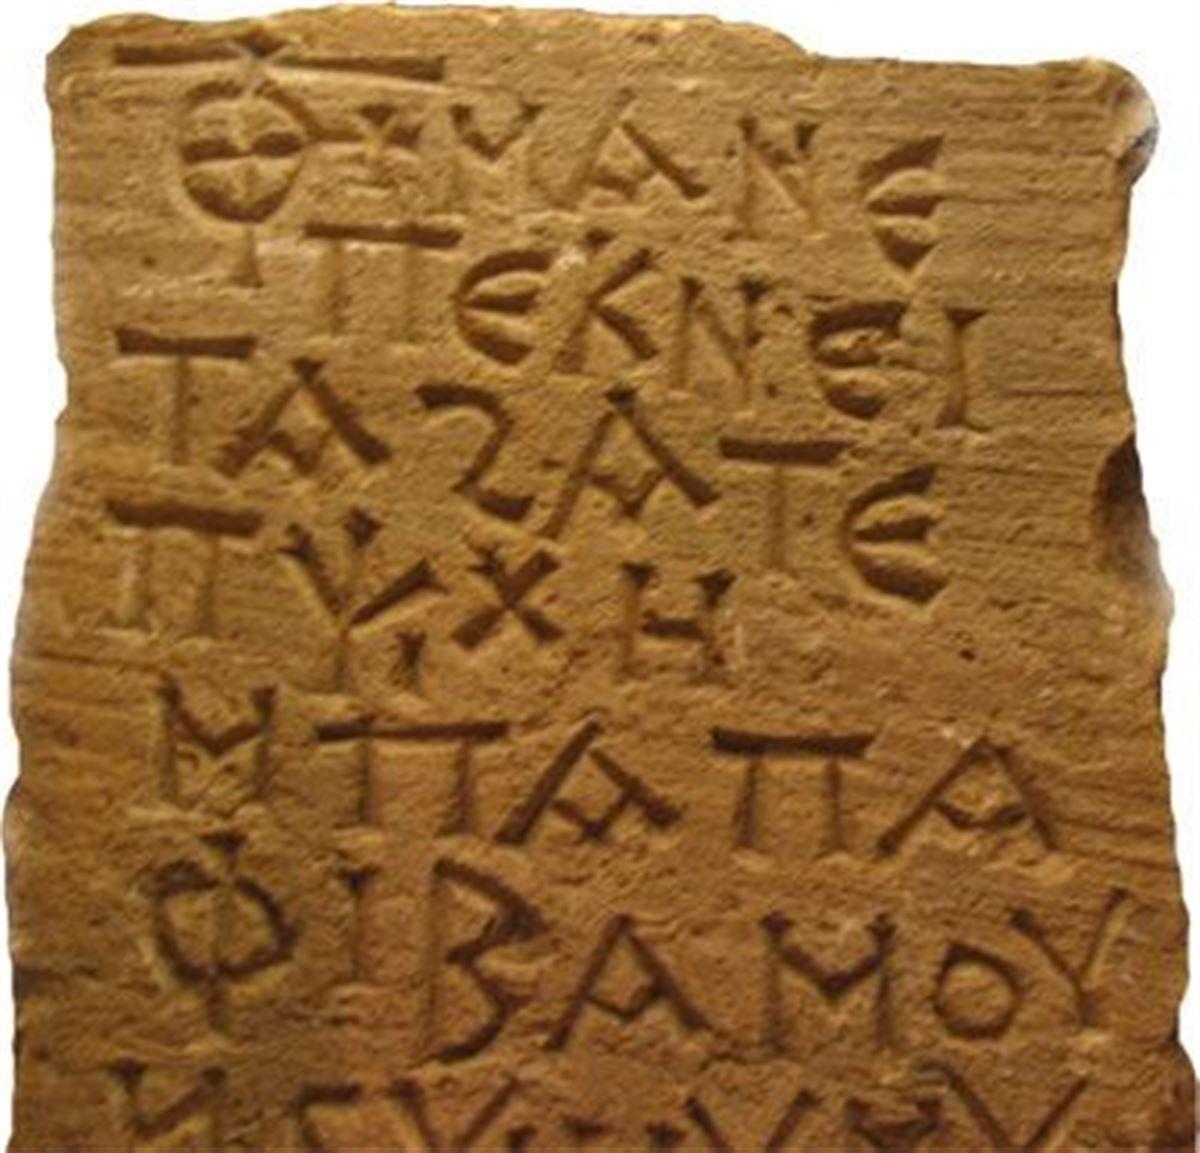 The Coptic Language